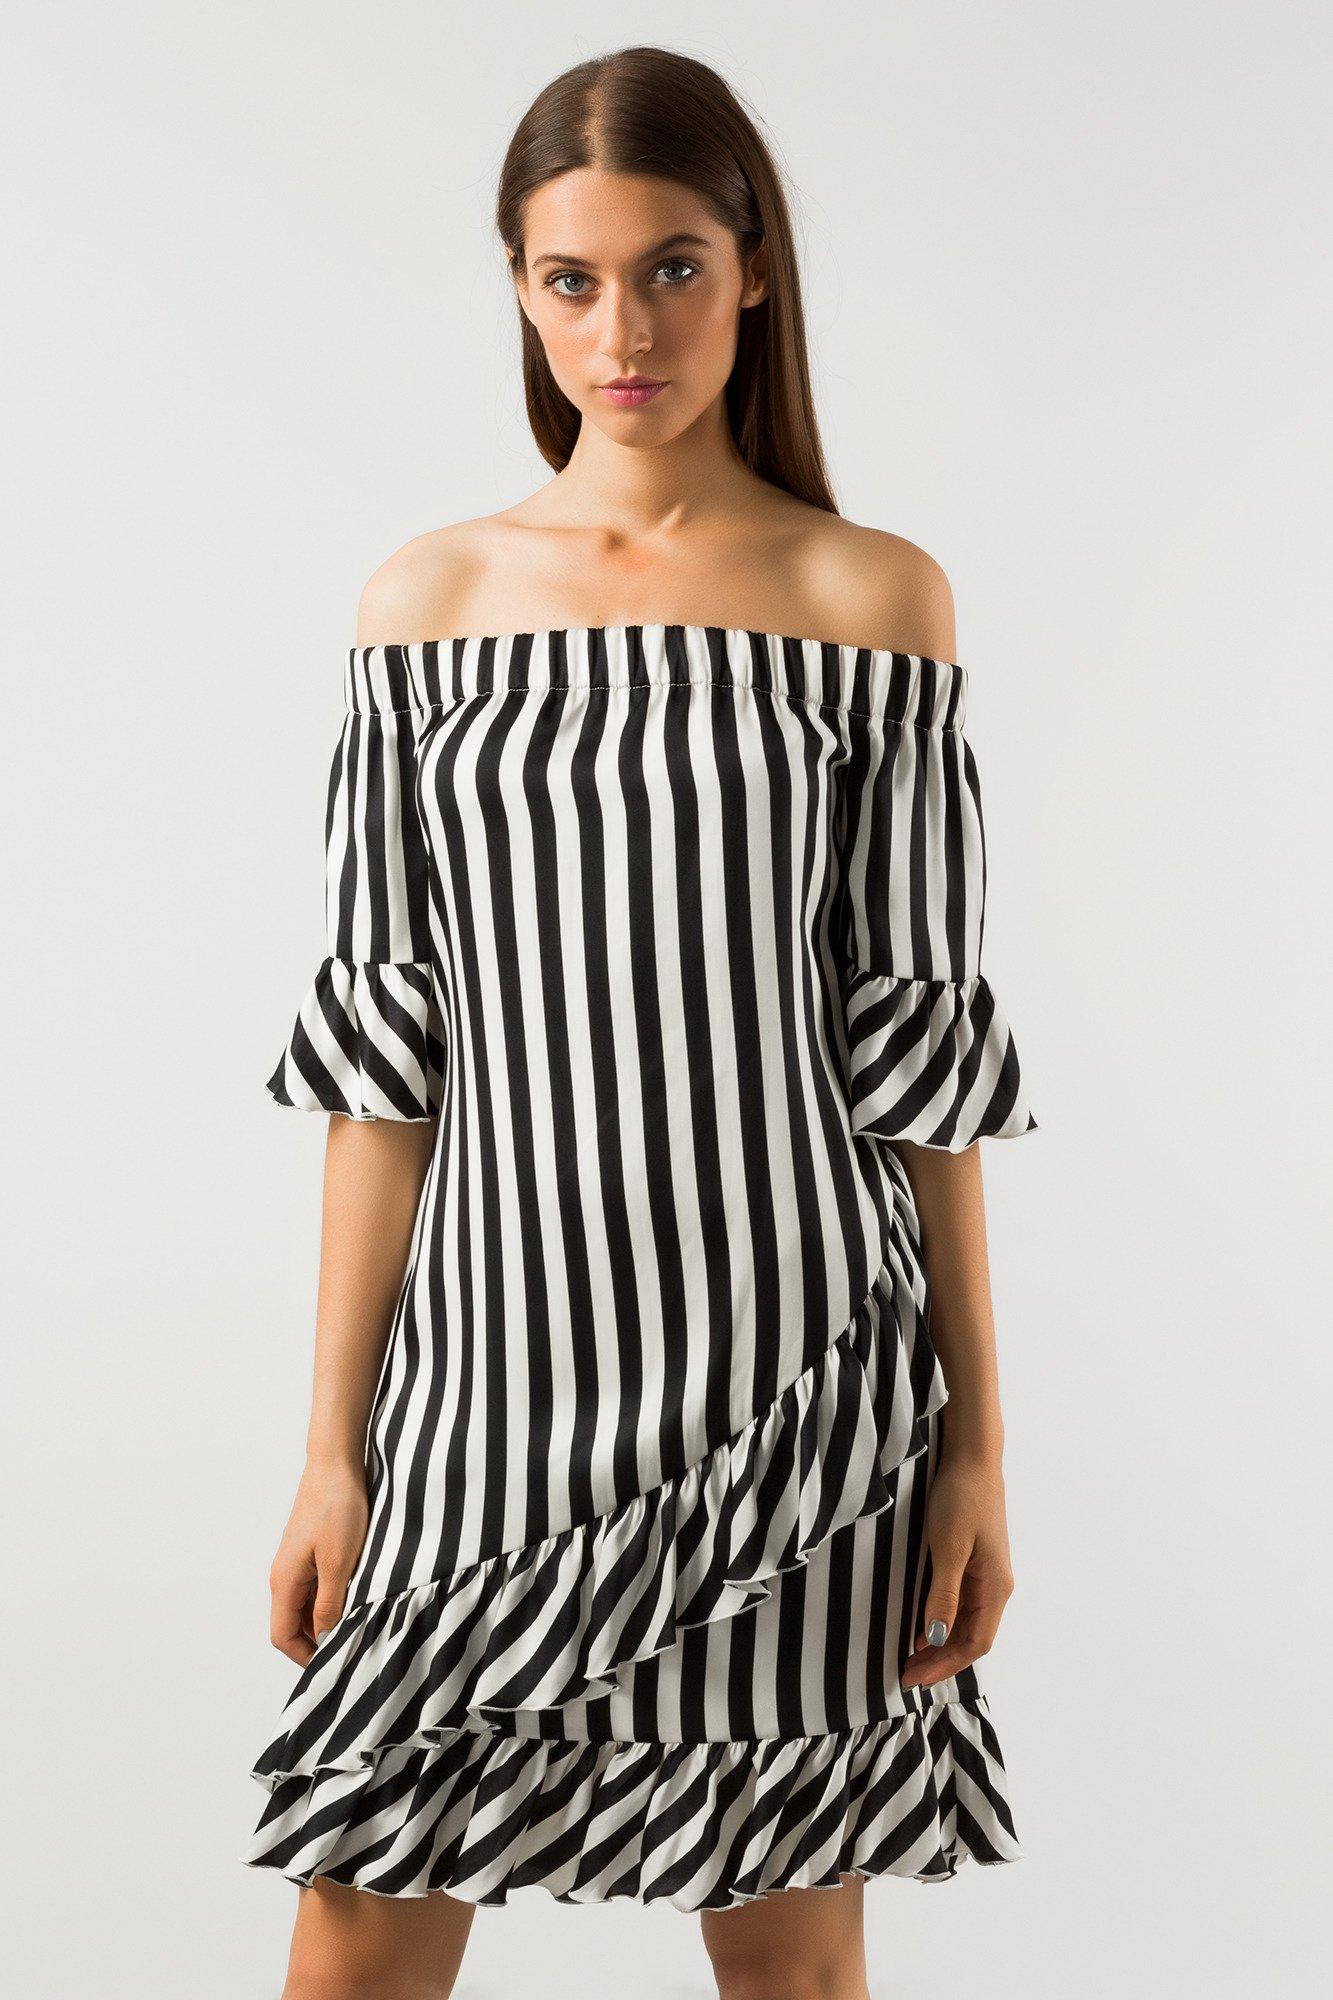 af0ba30b8a ... Biało-czarna sukienka w paski z falbanami ...